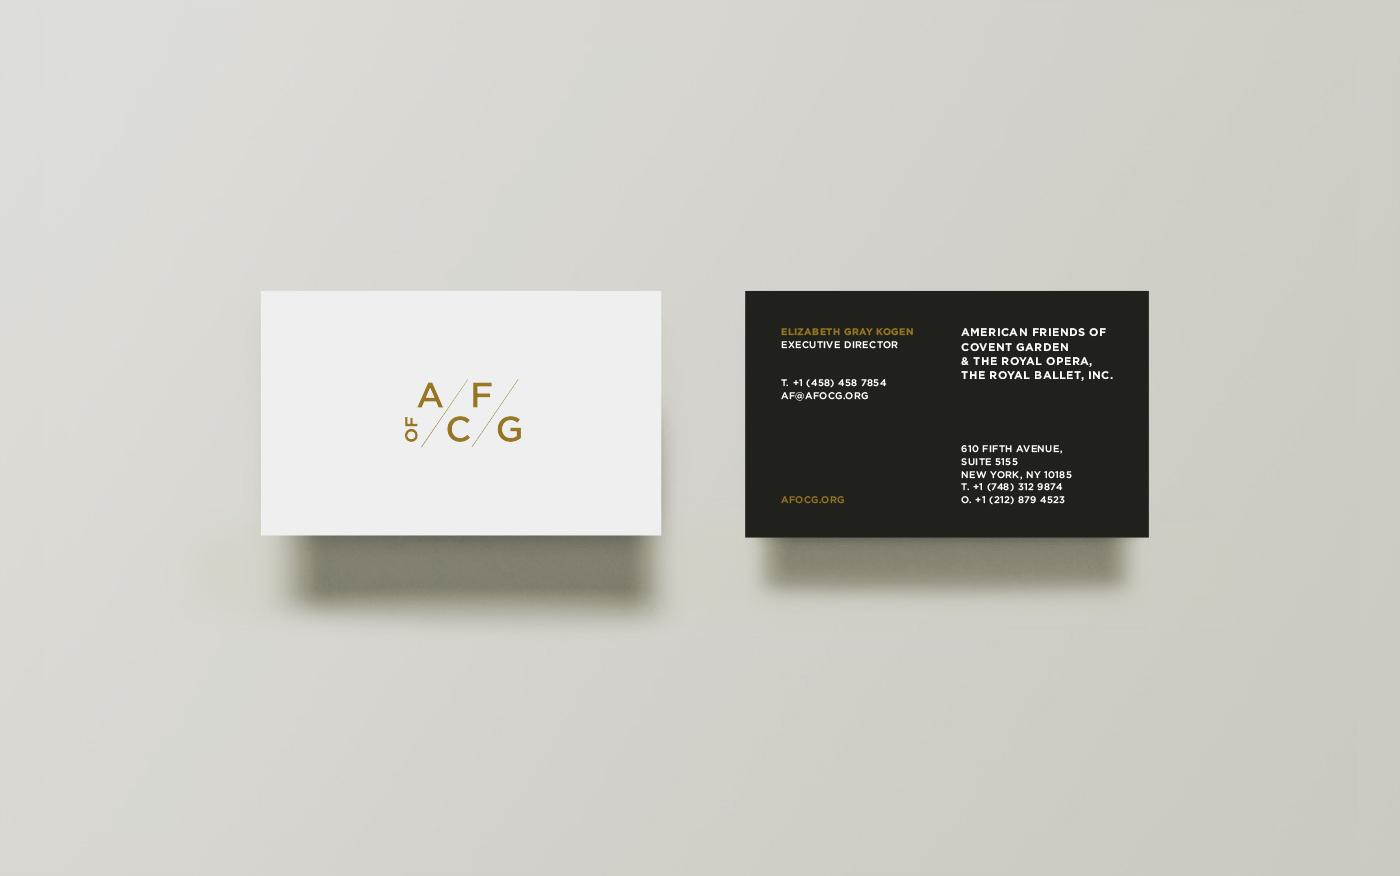 BusinessCards-AFoCG